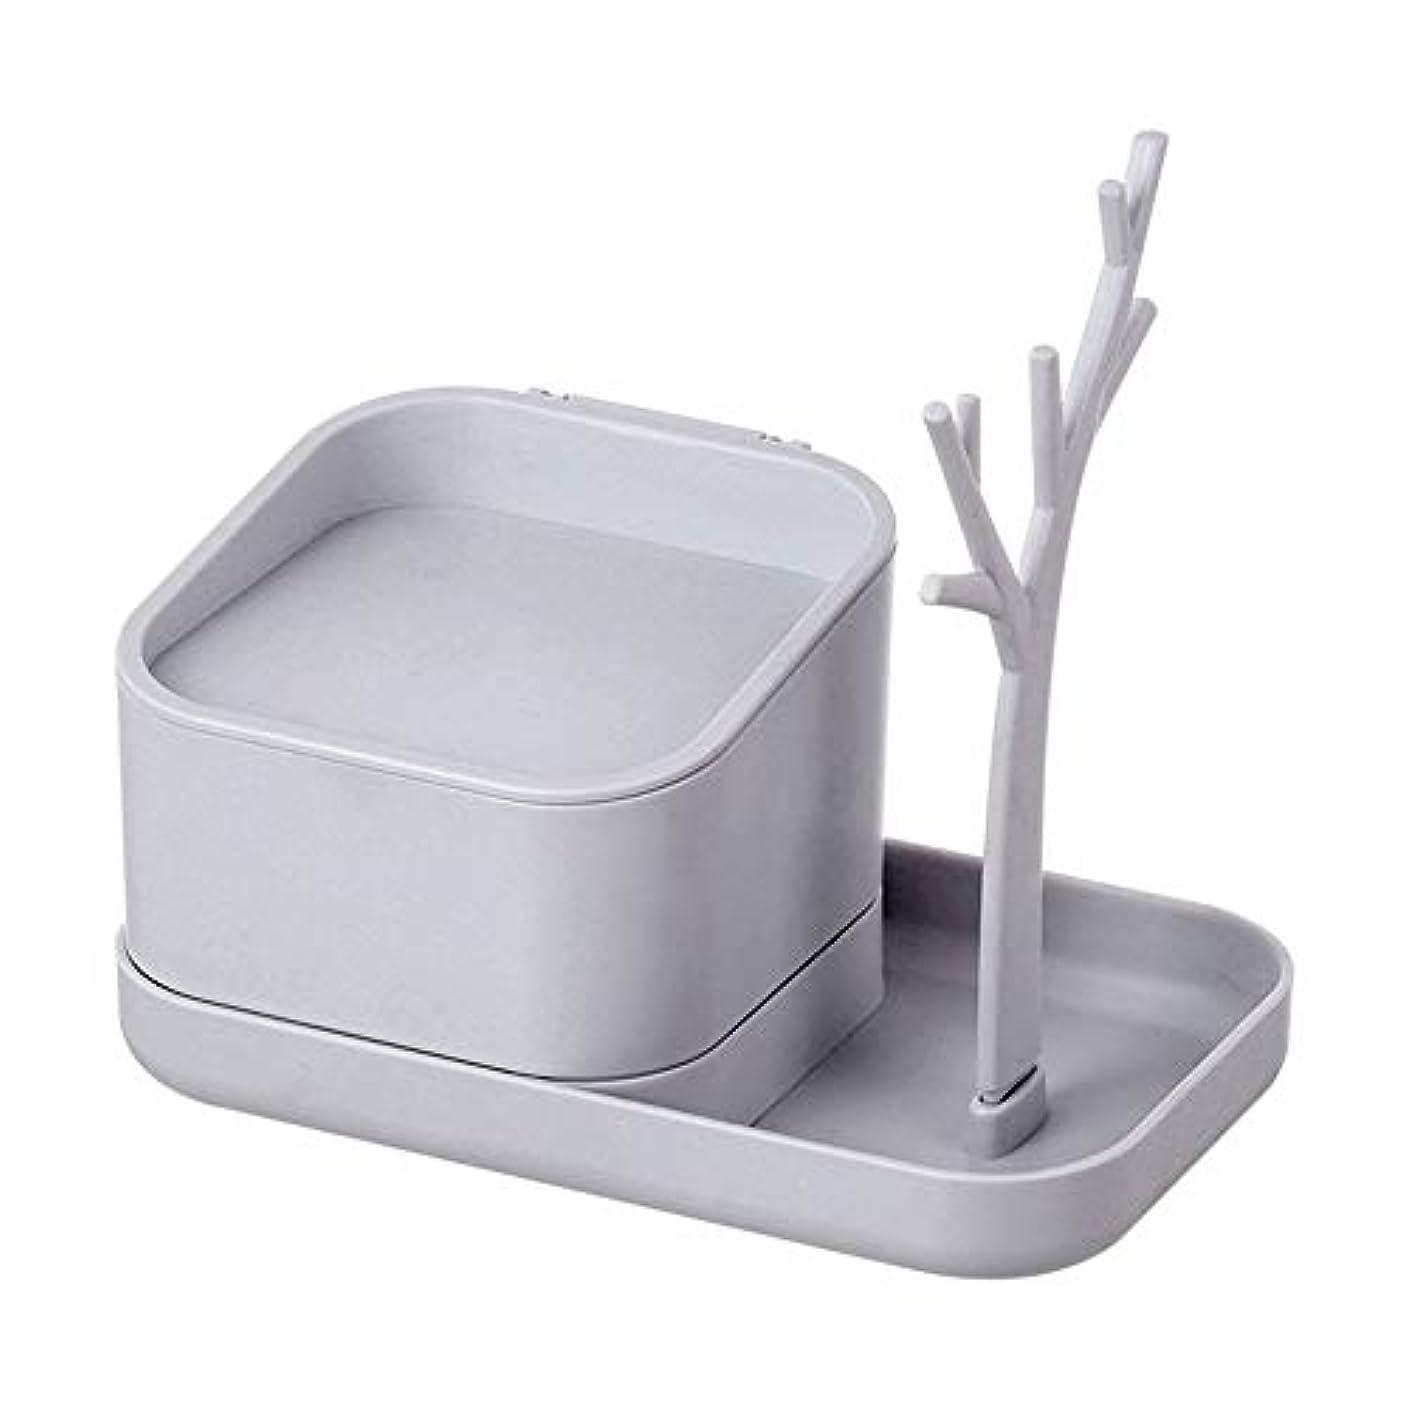 矢印吹きさらしネイティブ化粧品収納ボックス、デスクトップ多機能収納ボックス、化粧品/ヘアアクセサリー/マスク/ジュエリー/ストレージに適しています,White